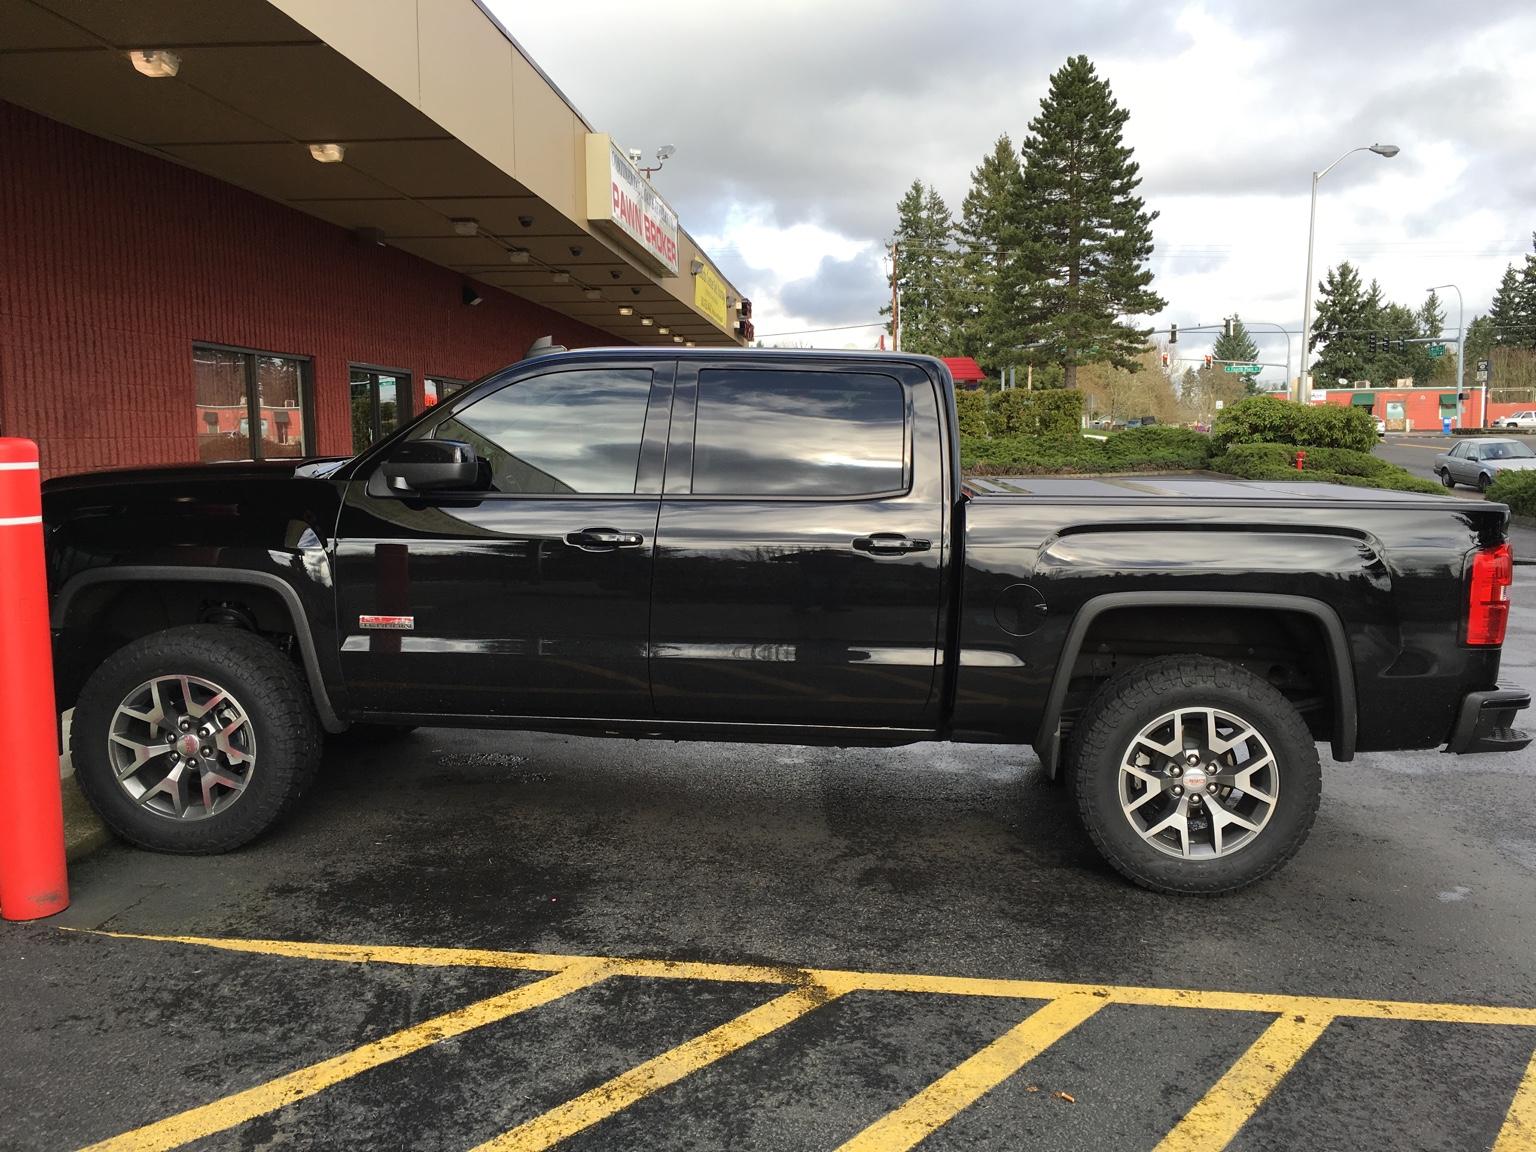 285 65 18 Tires On 2014 Silverado Html Autos Post